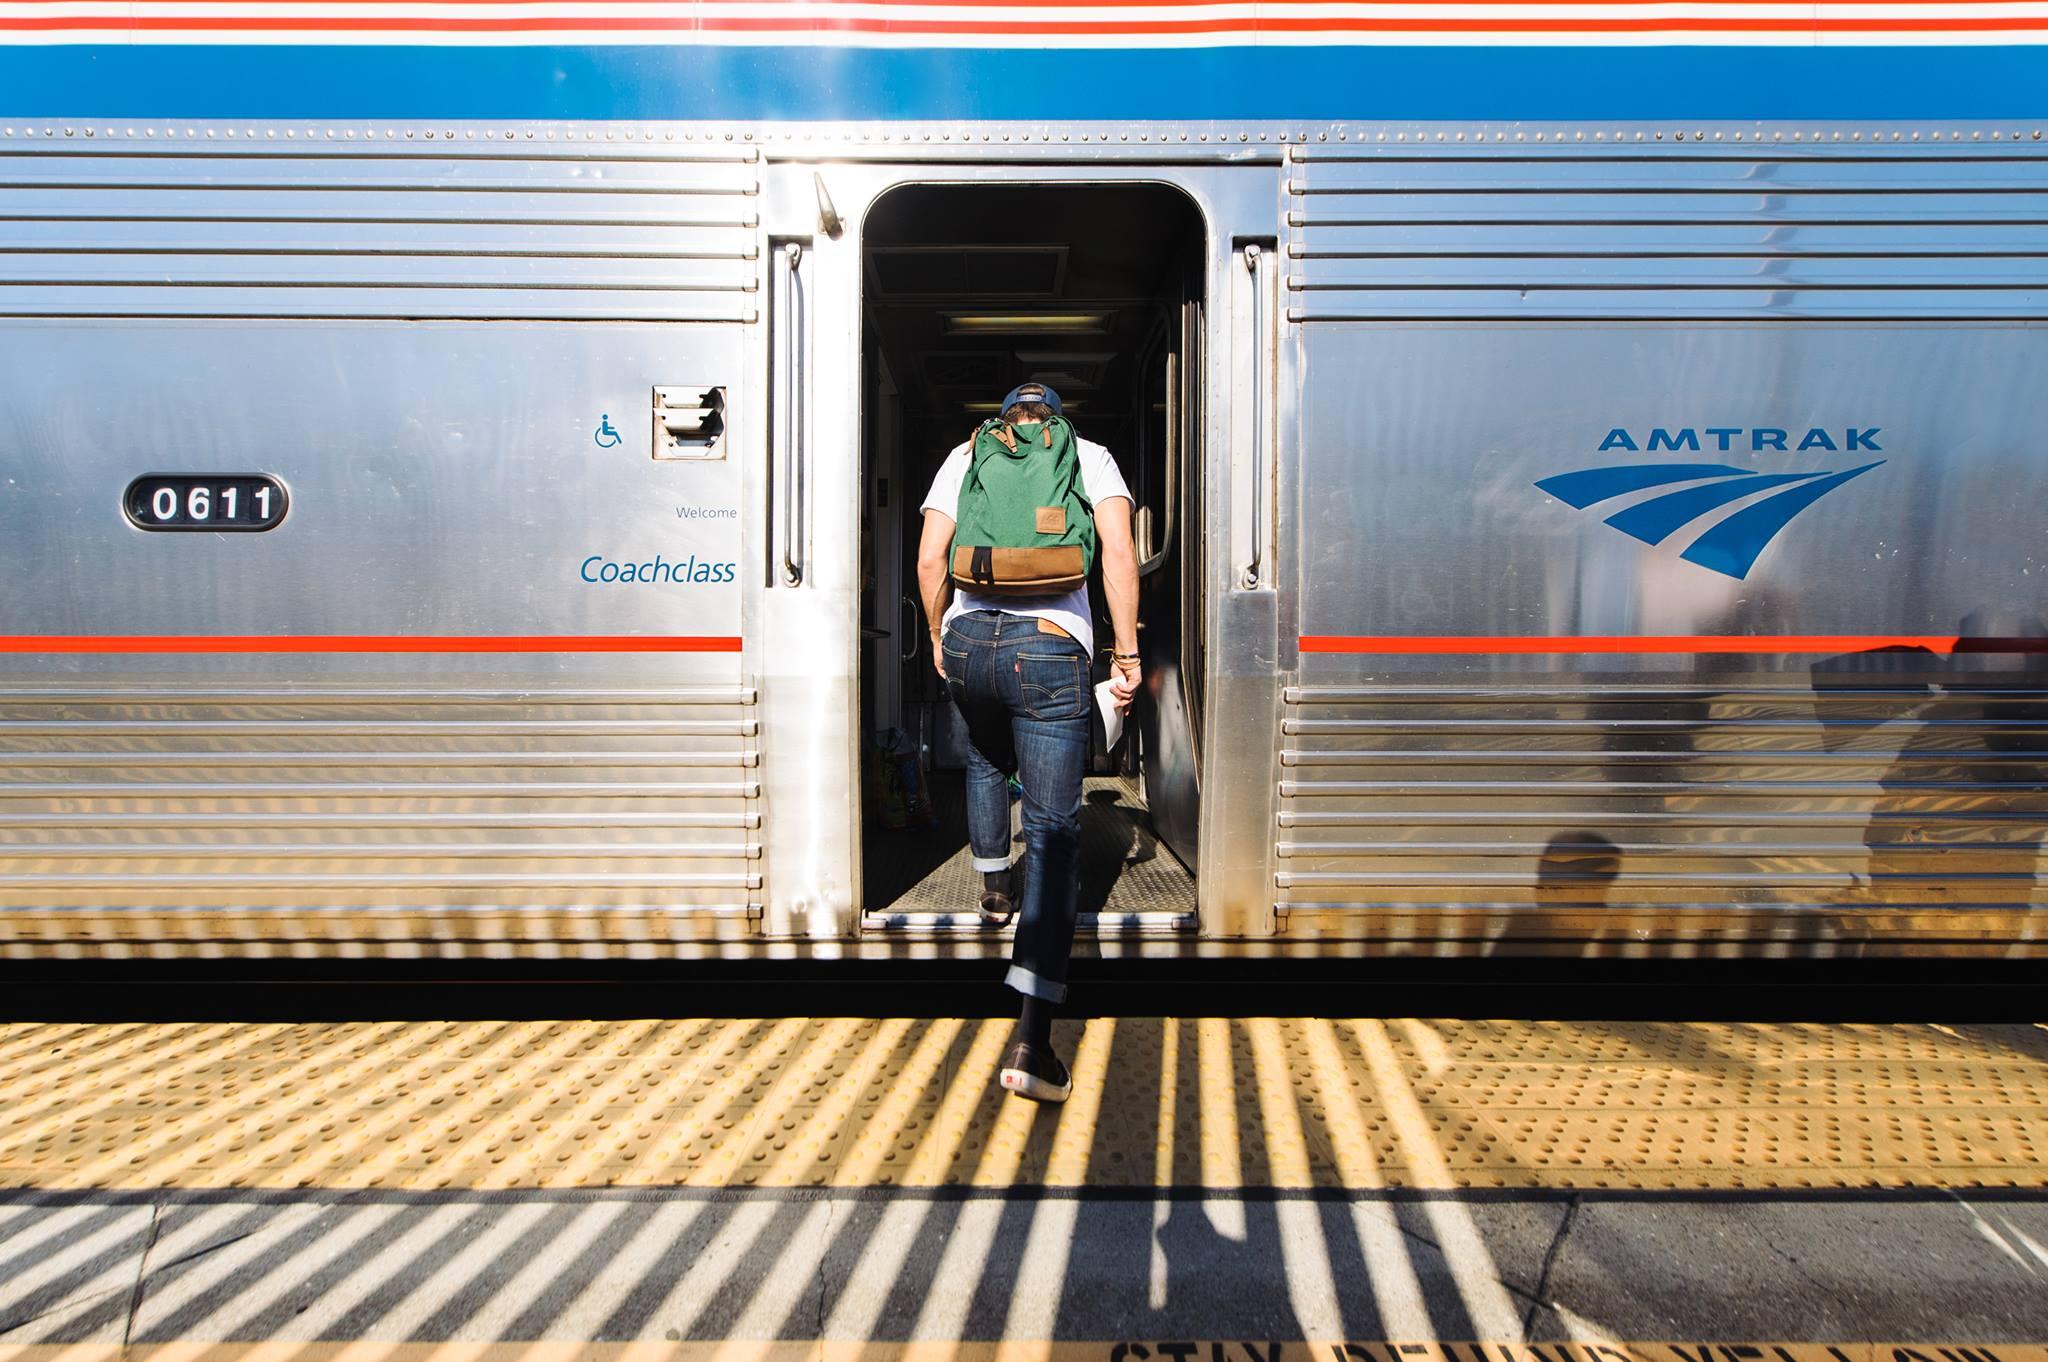 ภาพจาก Facebook Amtrak